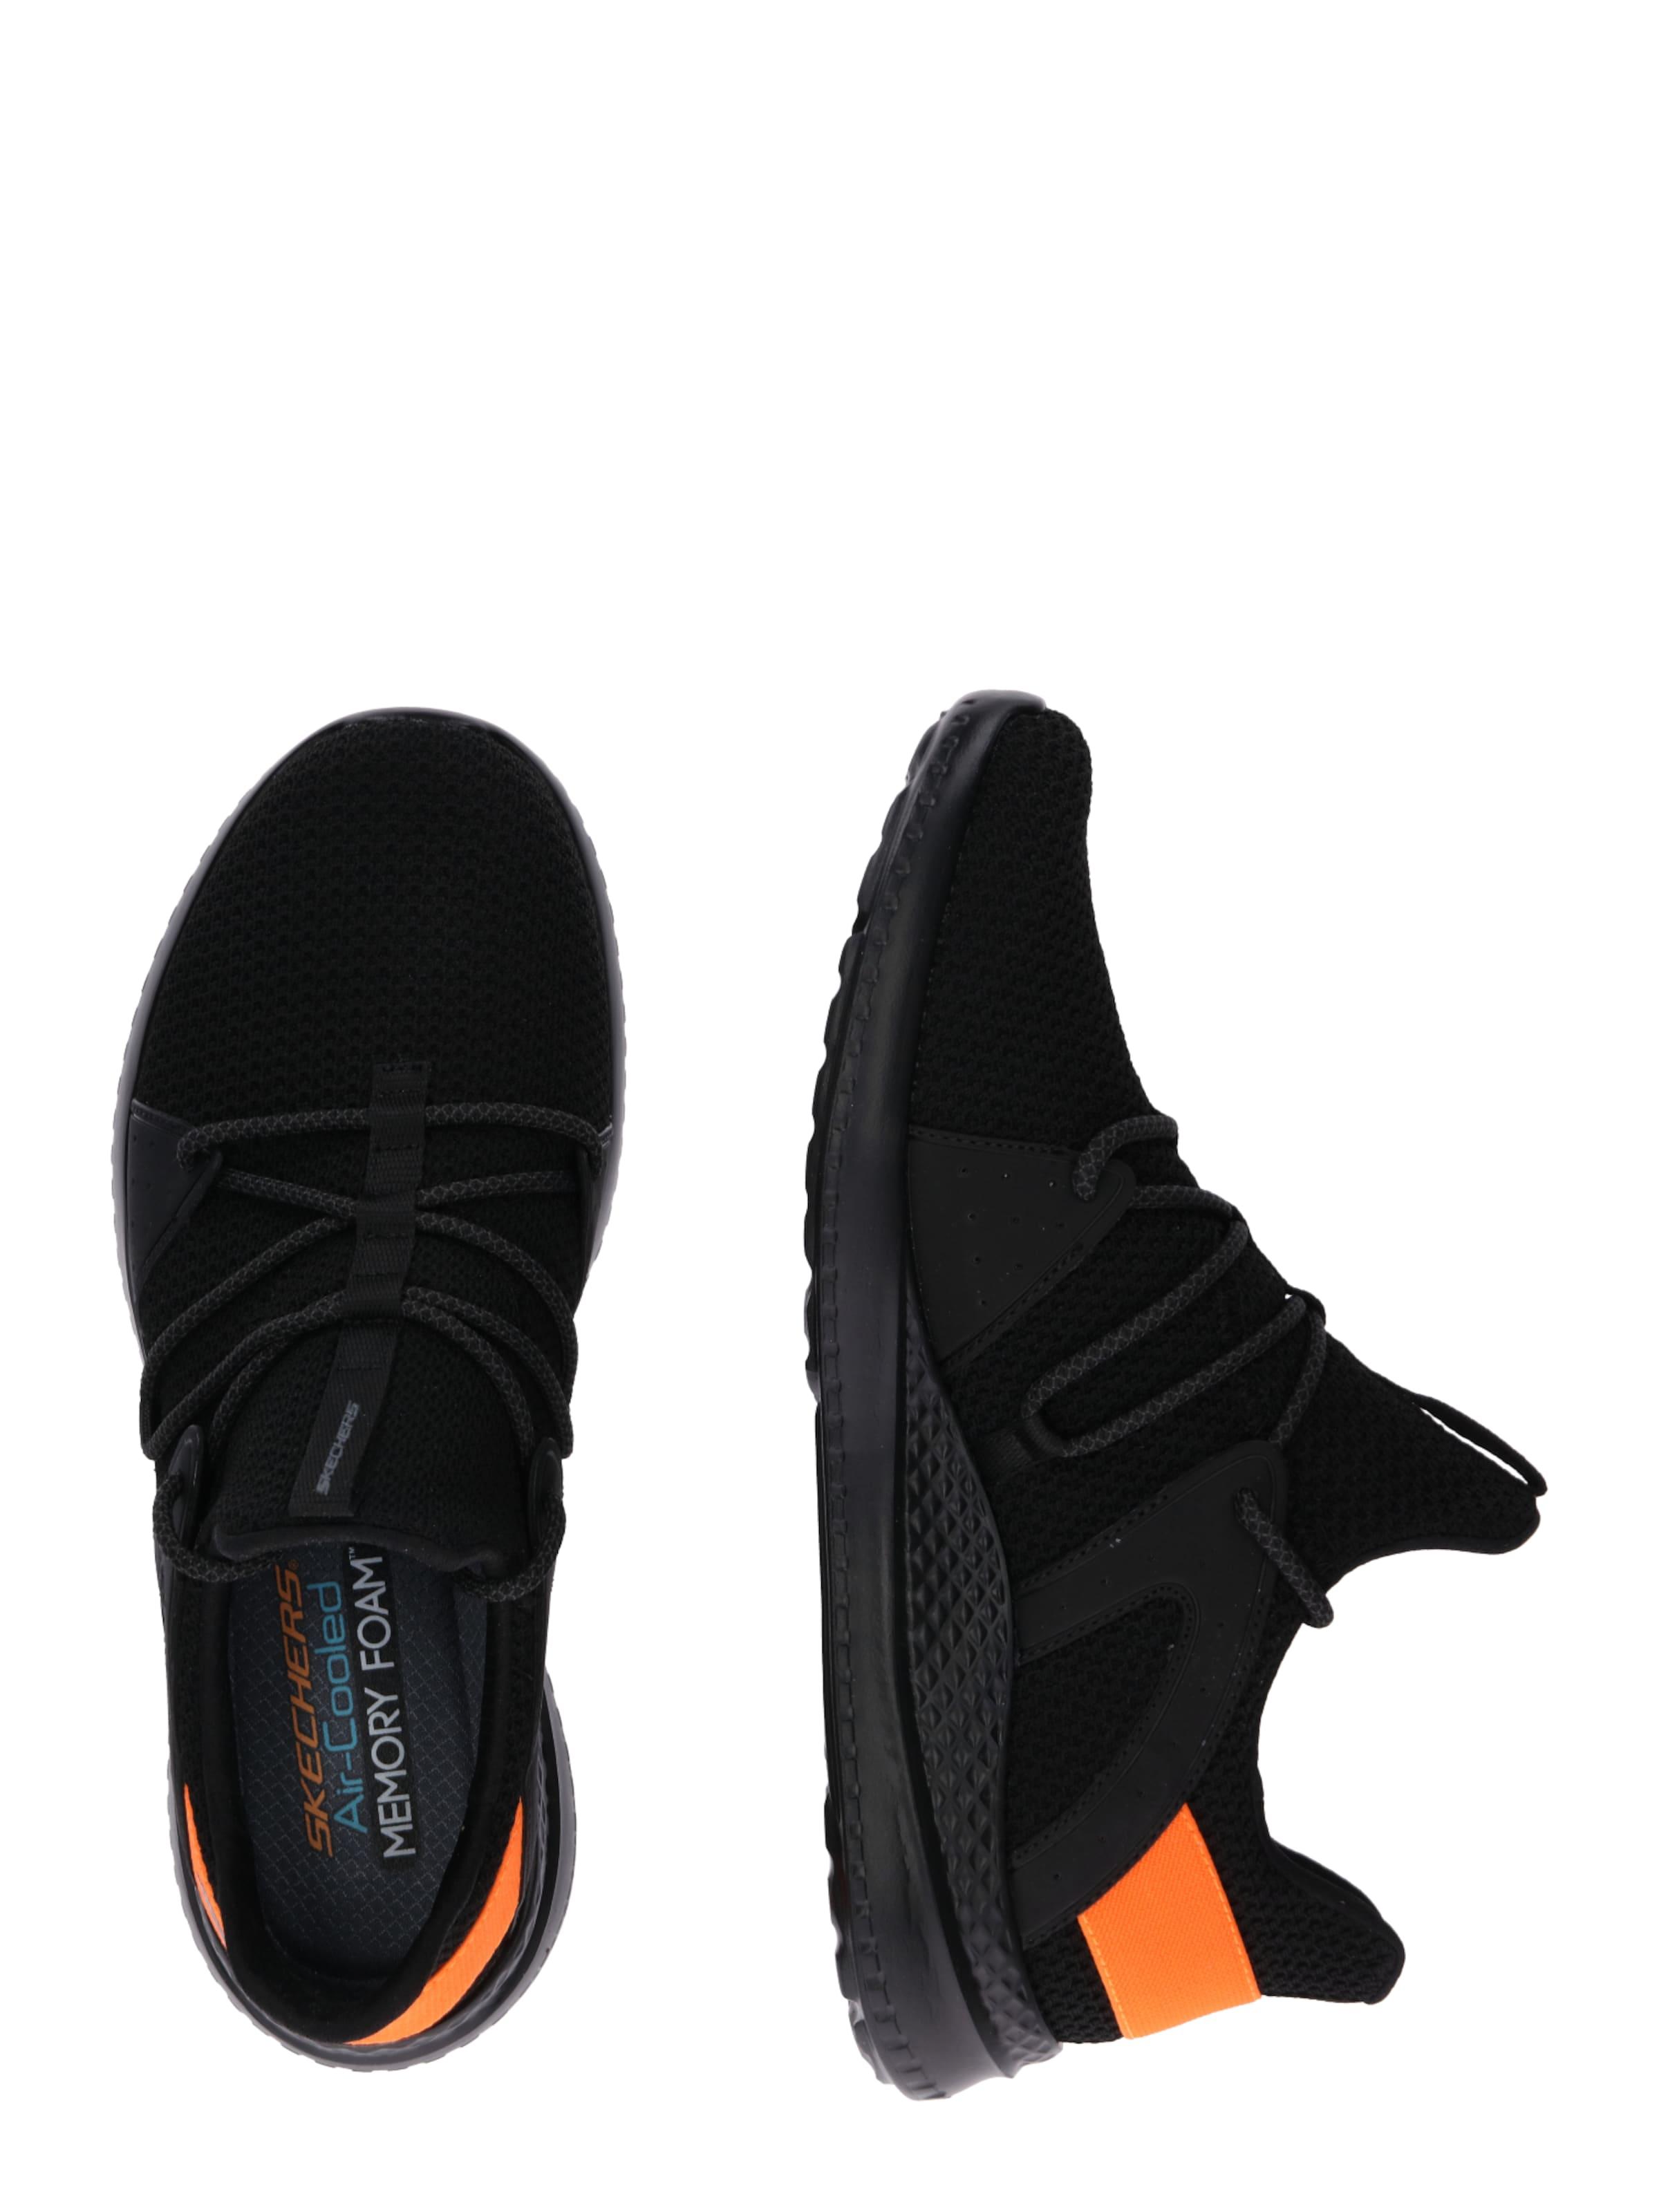 In HellorangeSchwarz In HellorangeSchwarz 'materaStrongland' Sneaker Skechers Skechers Sneaker 'materaStrongland' Skechers Om0v8nwN